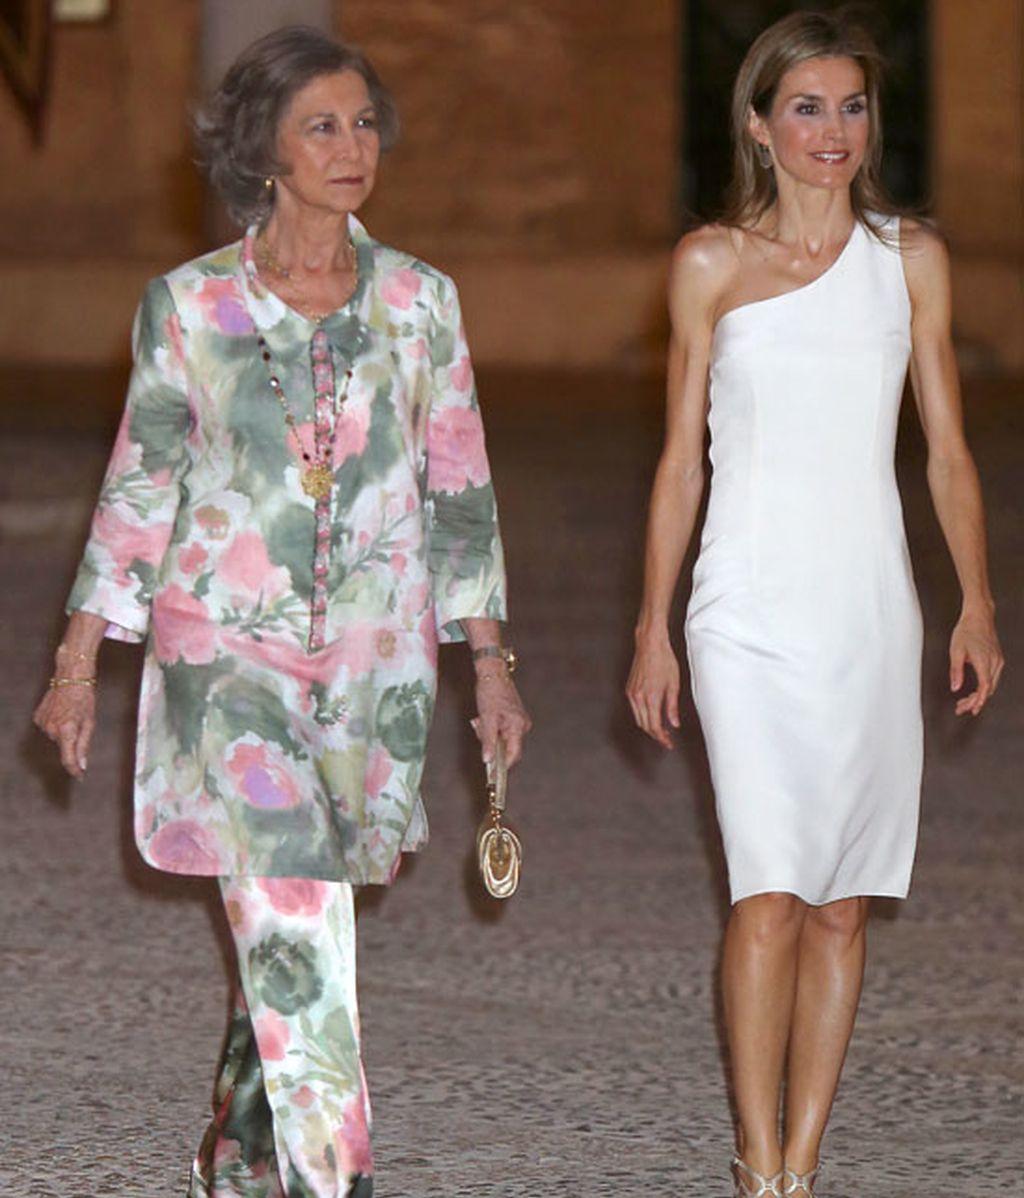 Carolina Cerezuela y Letizia Ortíz apuestan por un 'look' en blanco